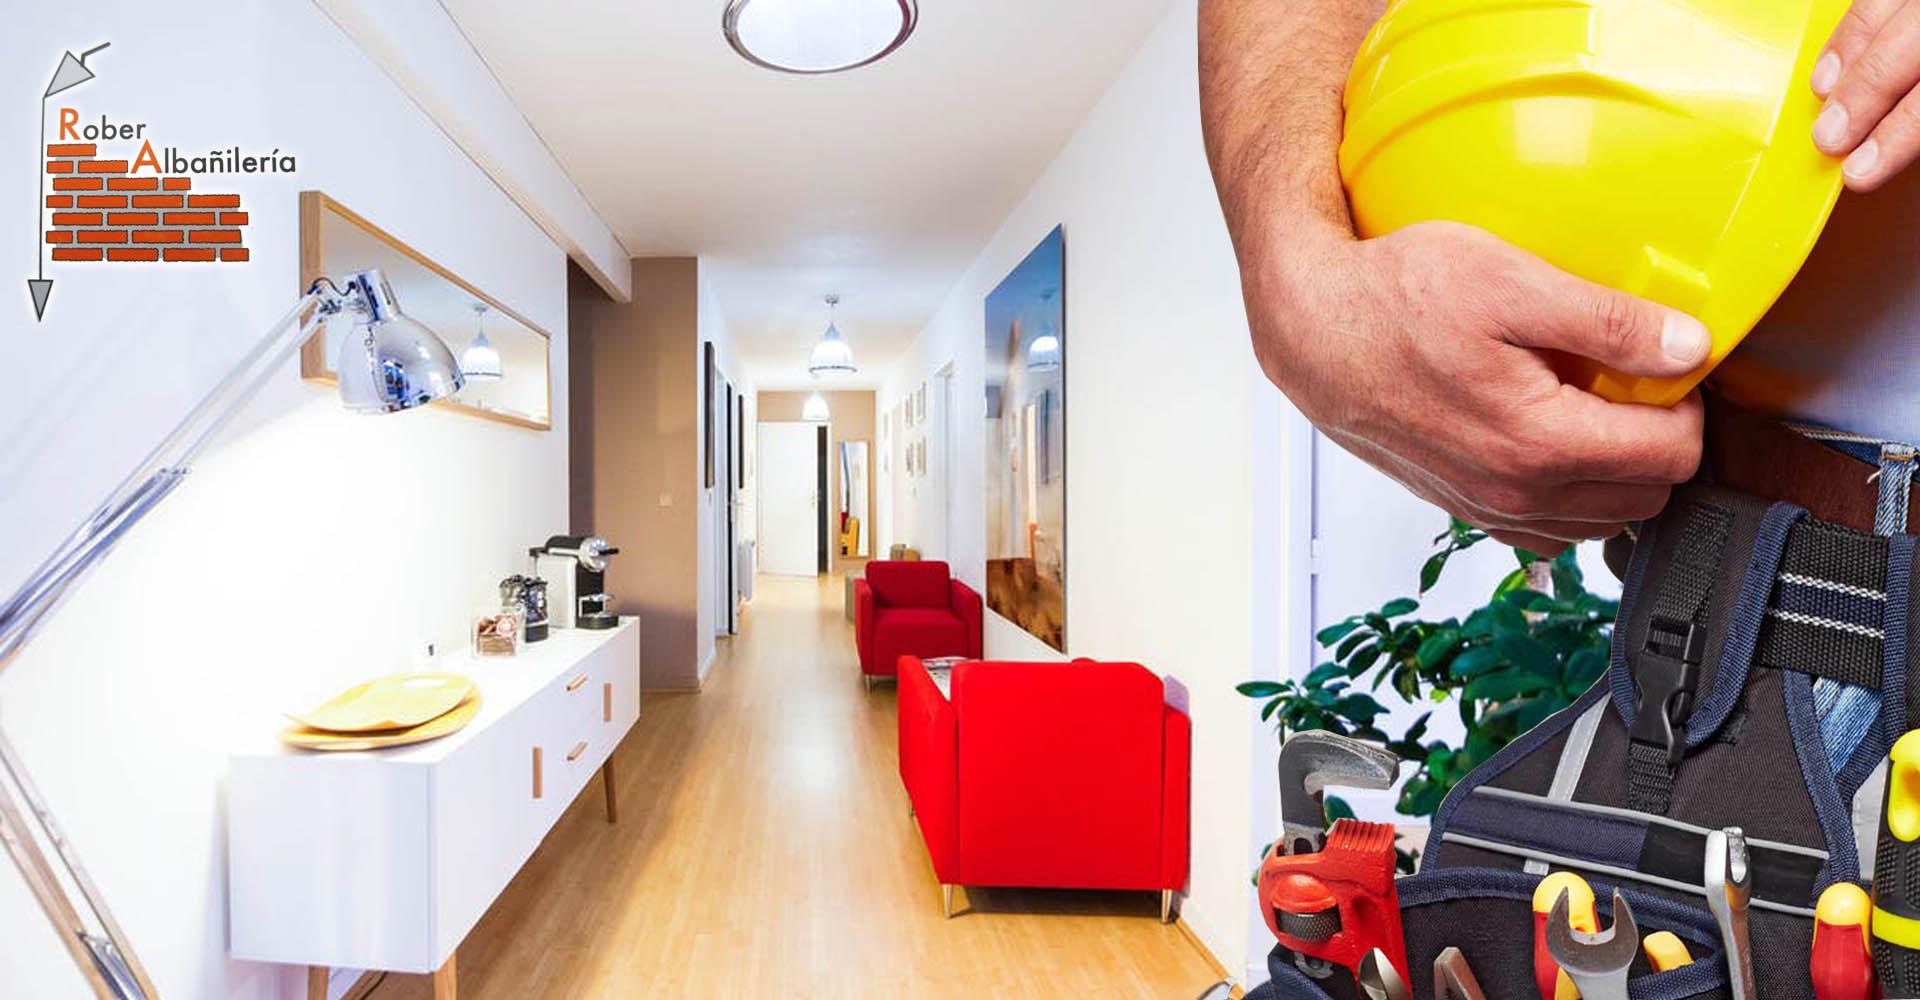 presupuesto barato para reformar pisos en donostia san sebastian. reforms rober